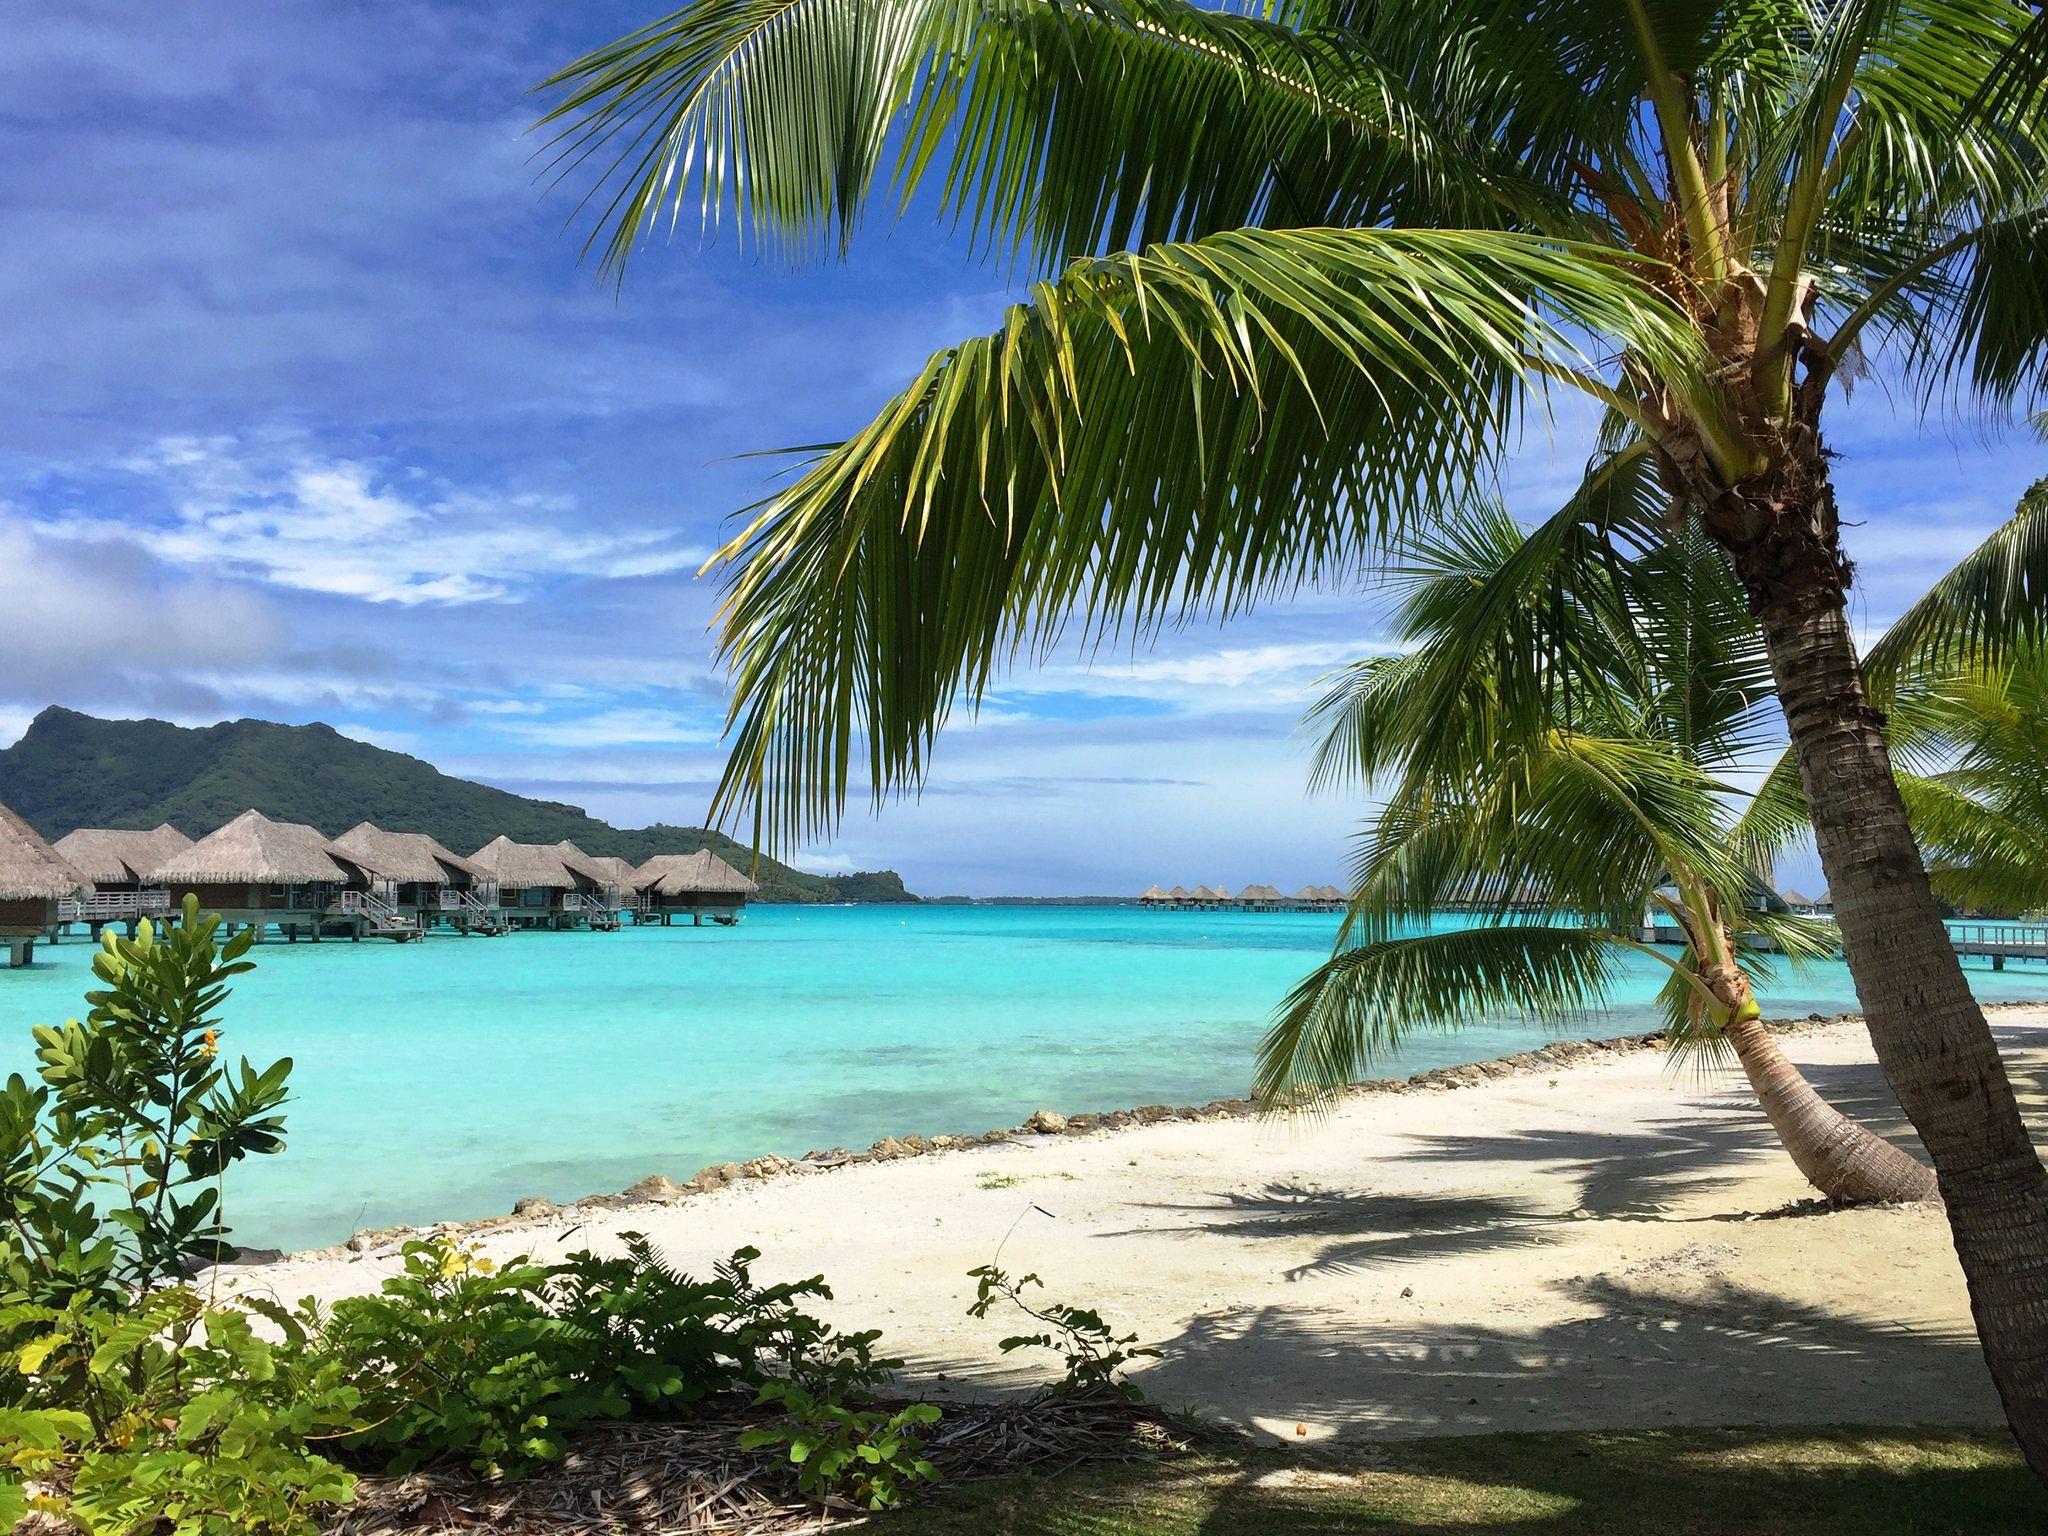 2617e2 beautiful Bora Bora South pacific islands, Bora